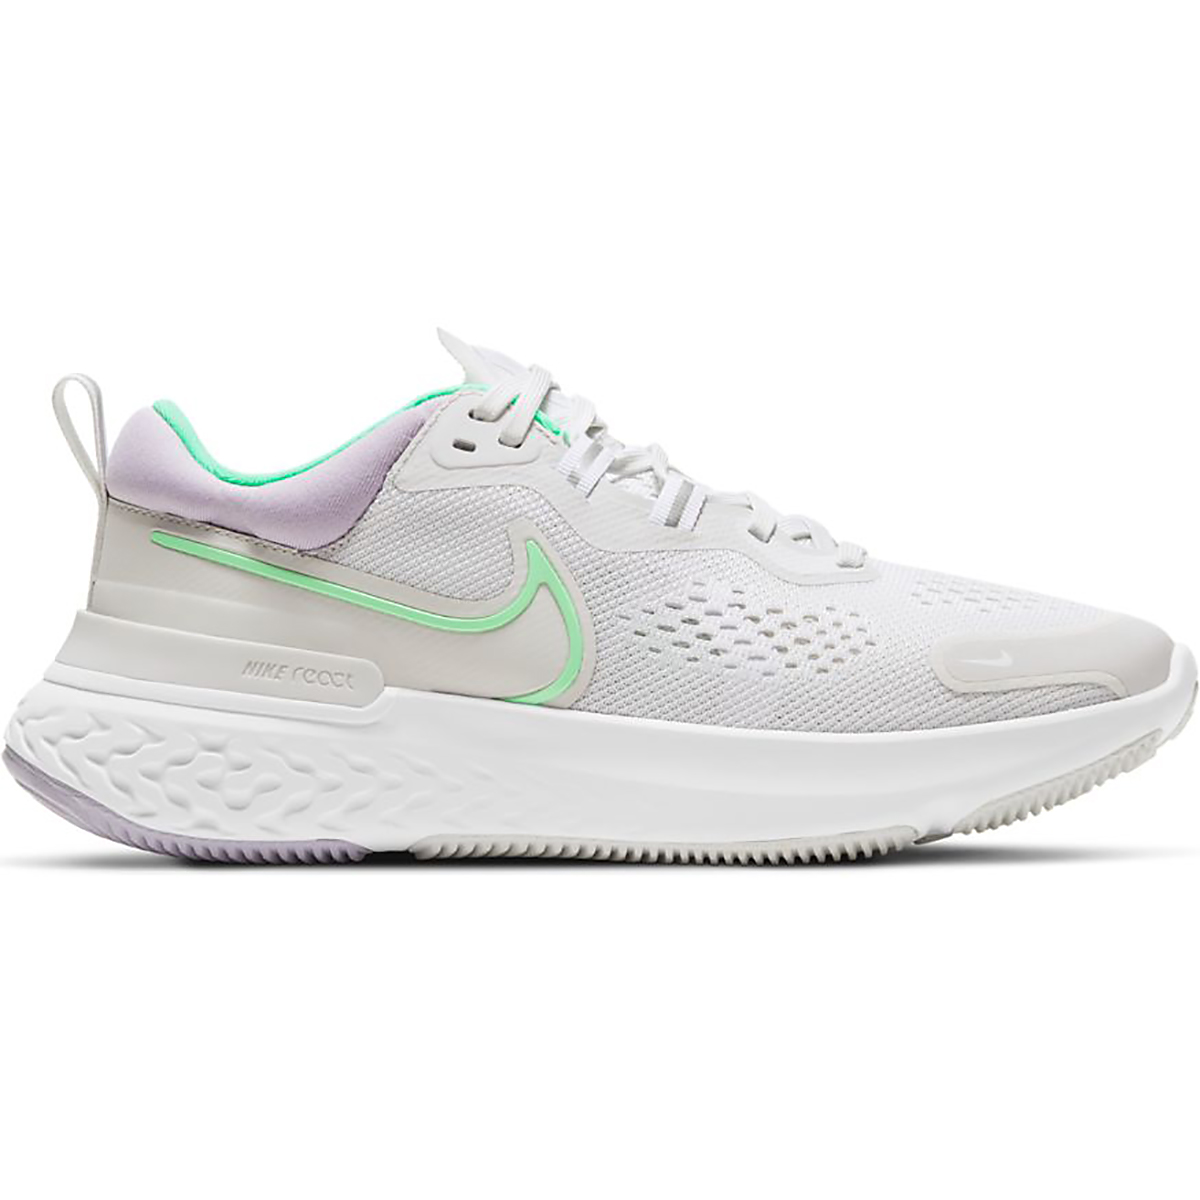 Women's Nike React Miler 2 Running Shoe - Color: Platinum Tint/Green Glow-White - Size: 5 - Width: Regular, Platinum Tint/Green Glow-White, large, image 1